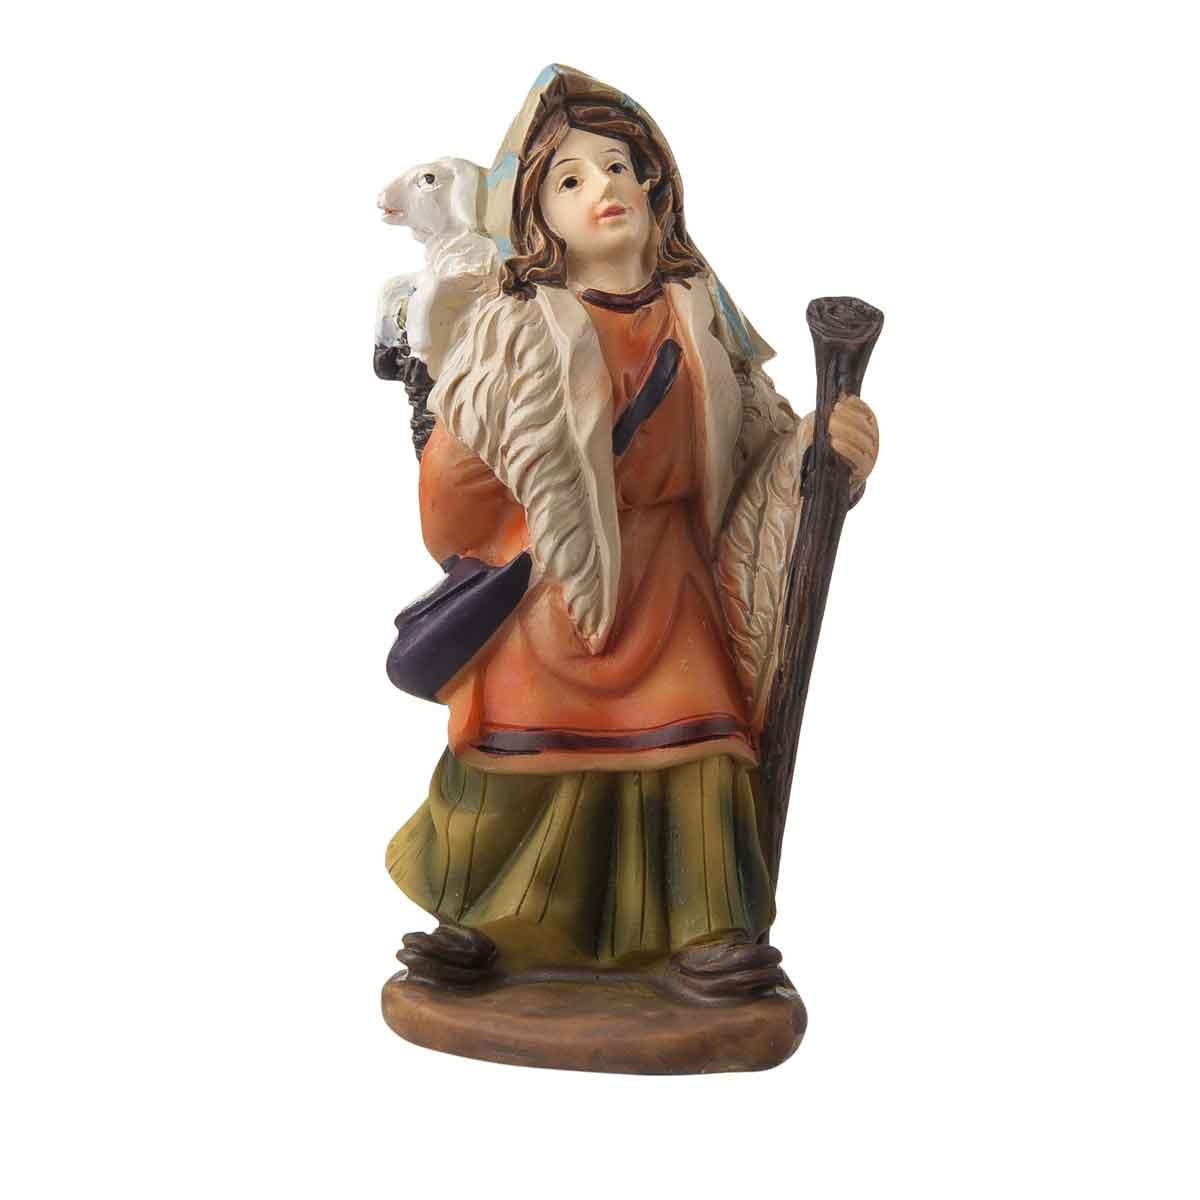 Presepe – Statuetta pastore con pecora e bastone altezza 9cm